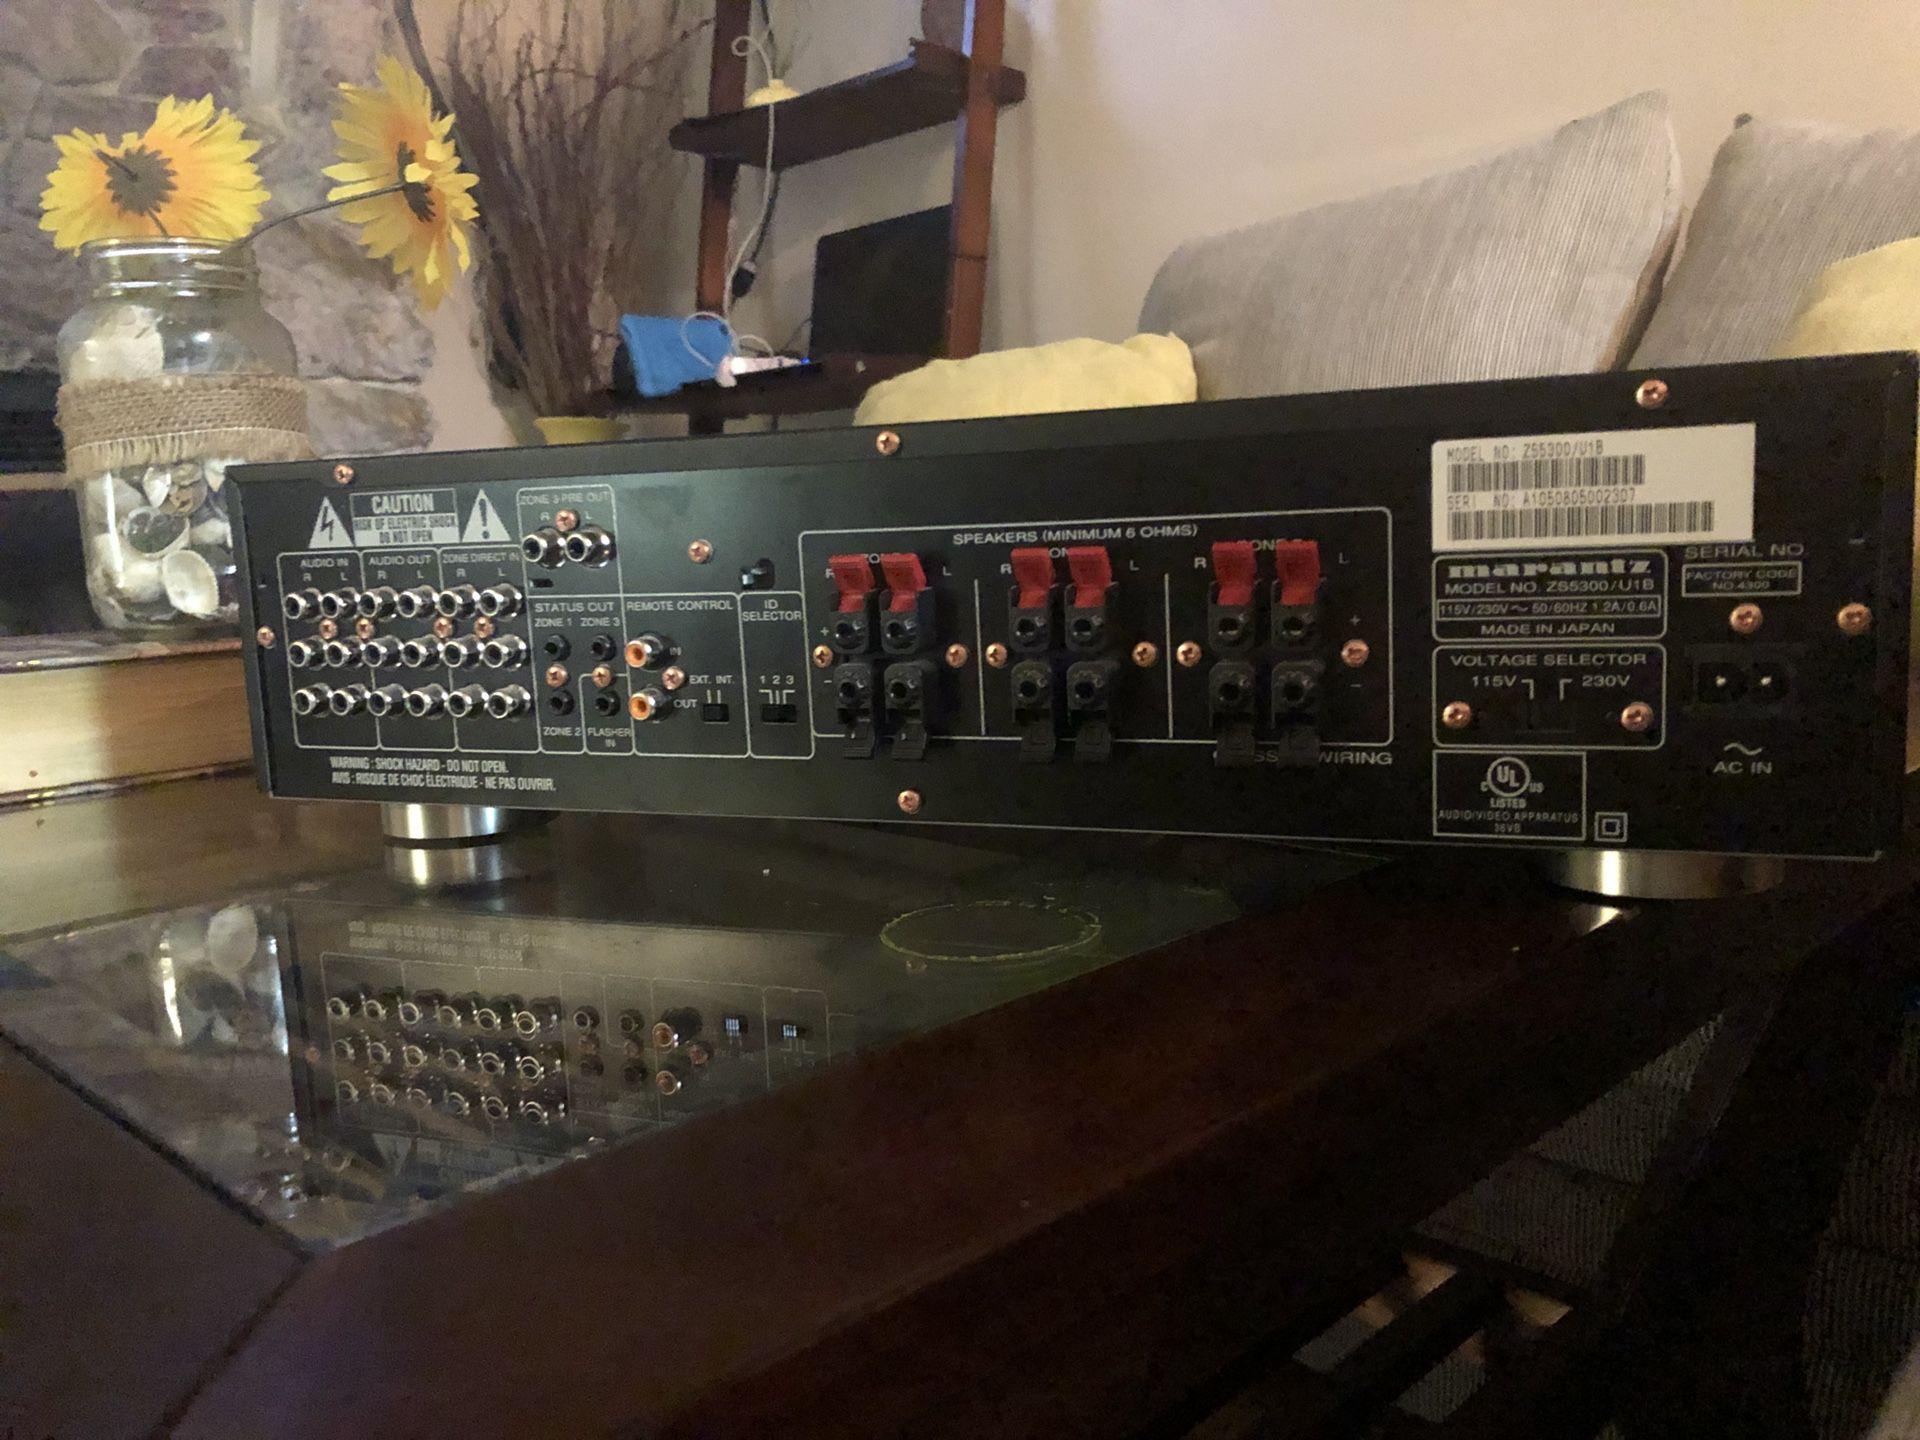 Marantz receiver model Zs5300